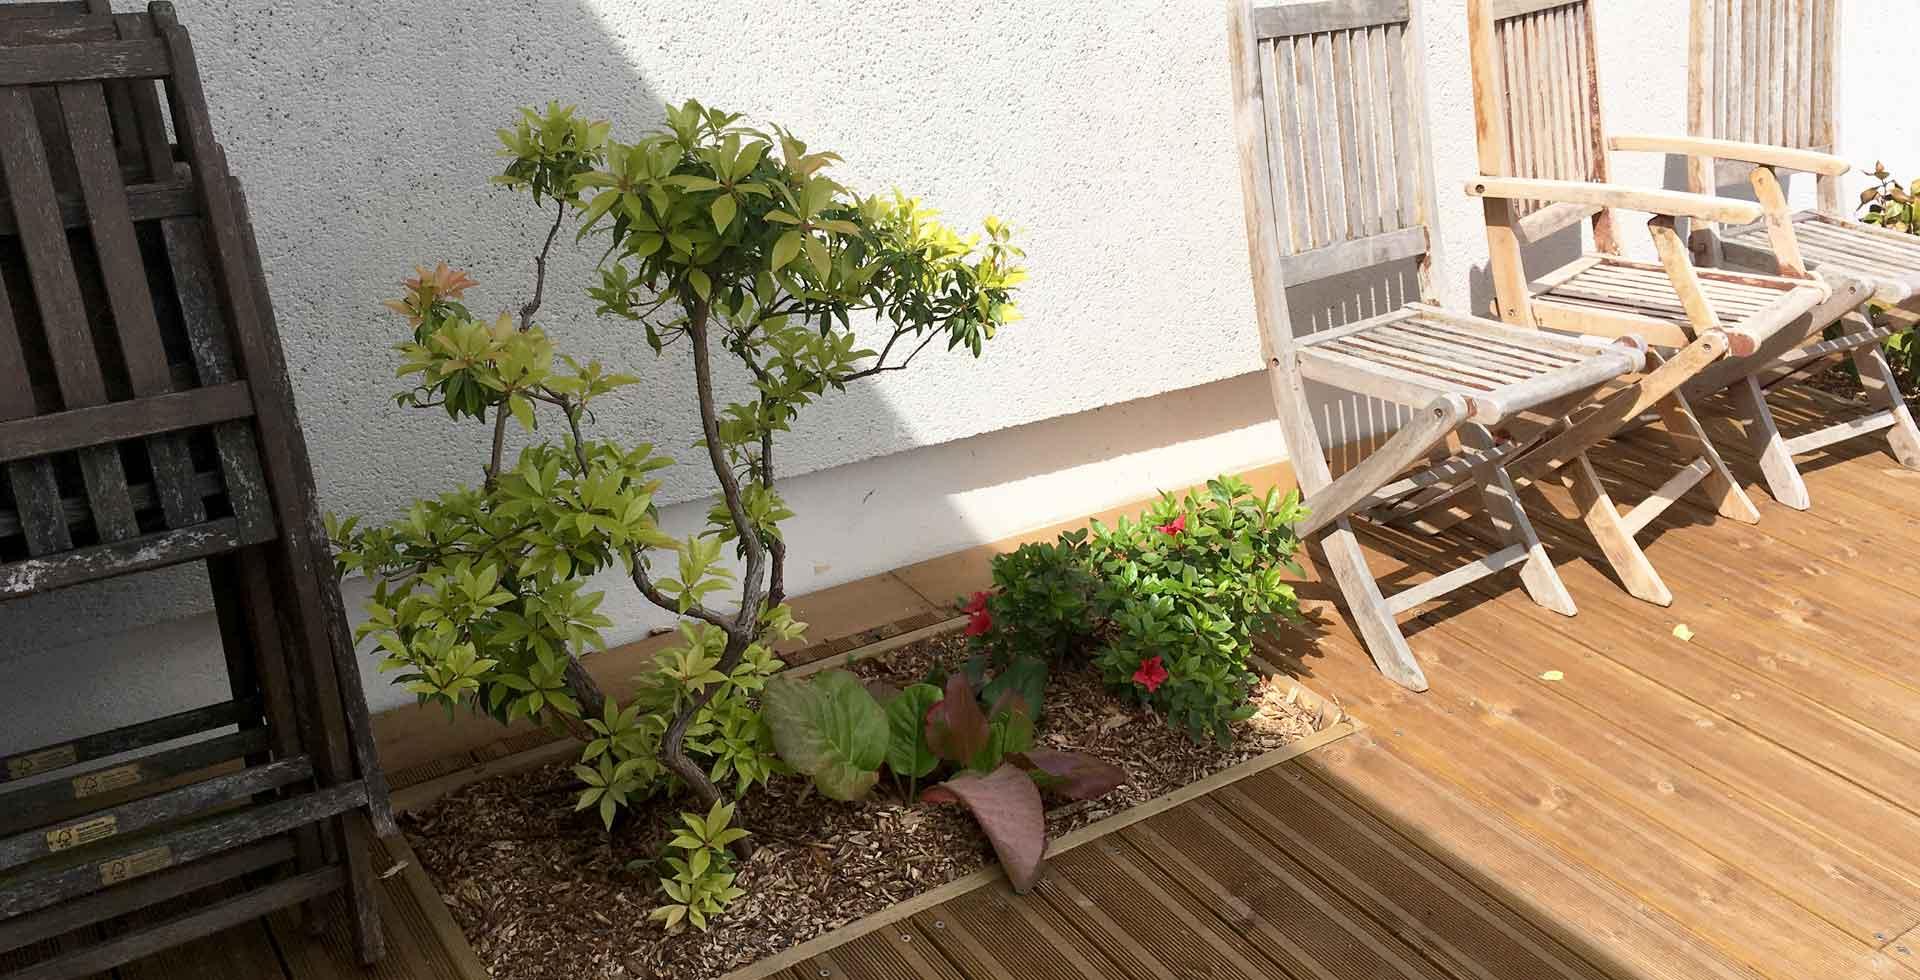 slider5-Plantation-terrasse-bois-plante-vivert